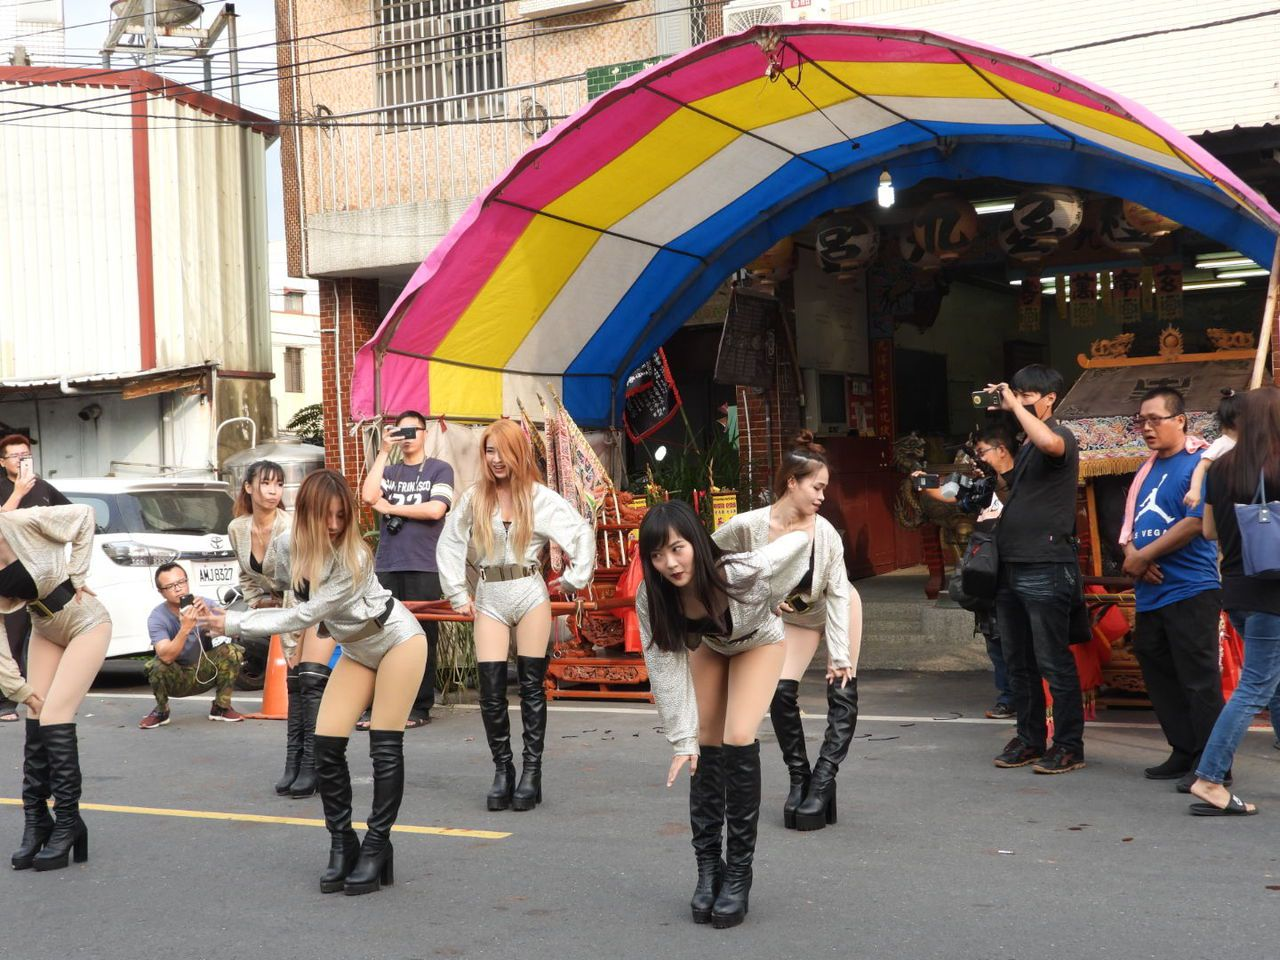 少女在宮廟前熱舞,吸引許多目光。記者周宗禎攝影